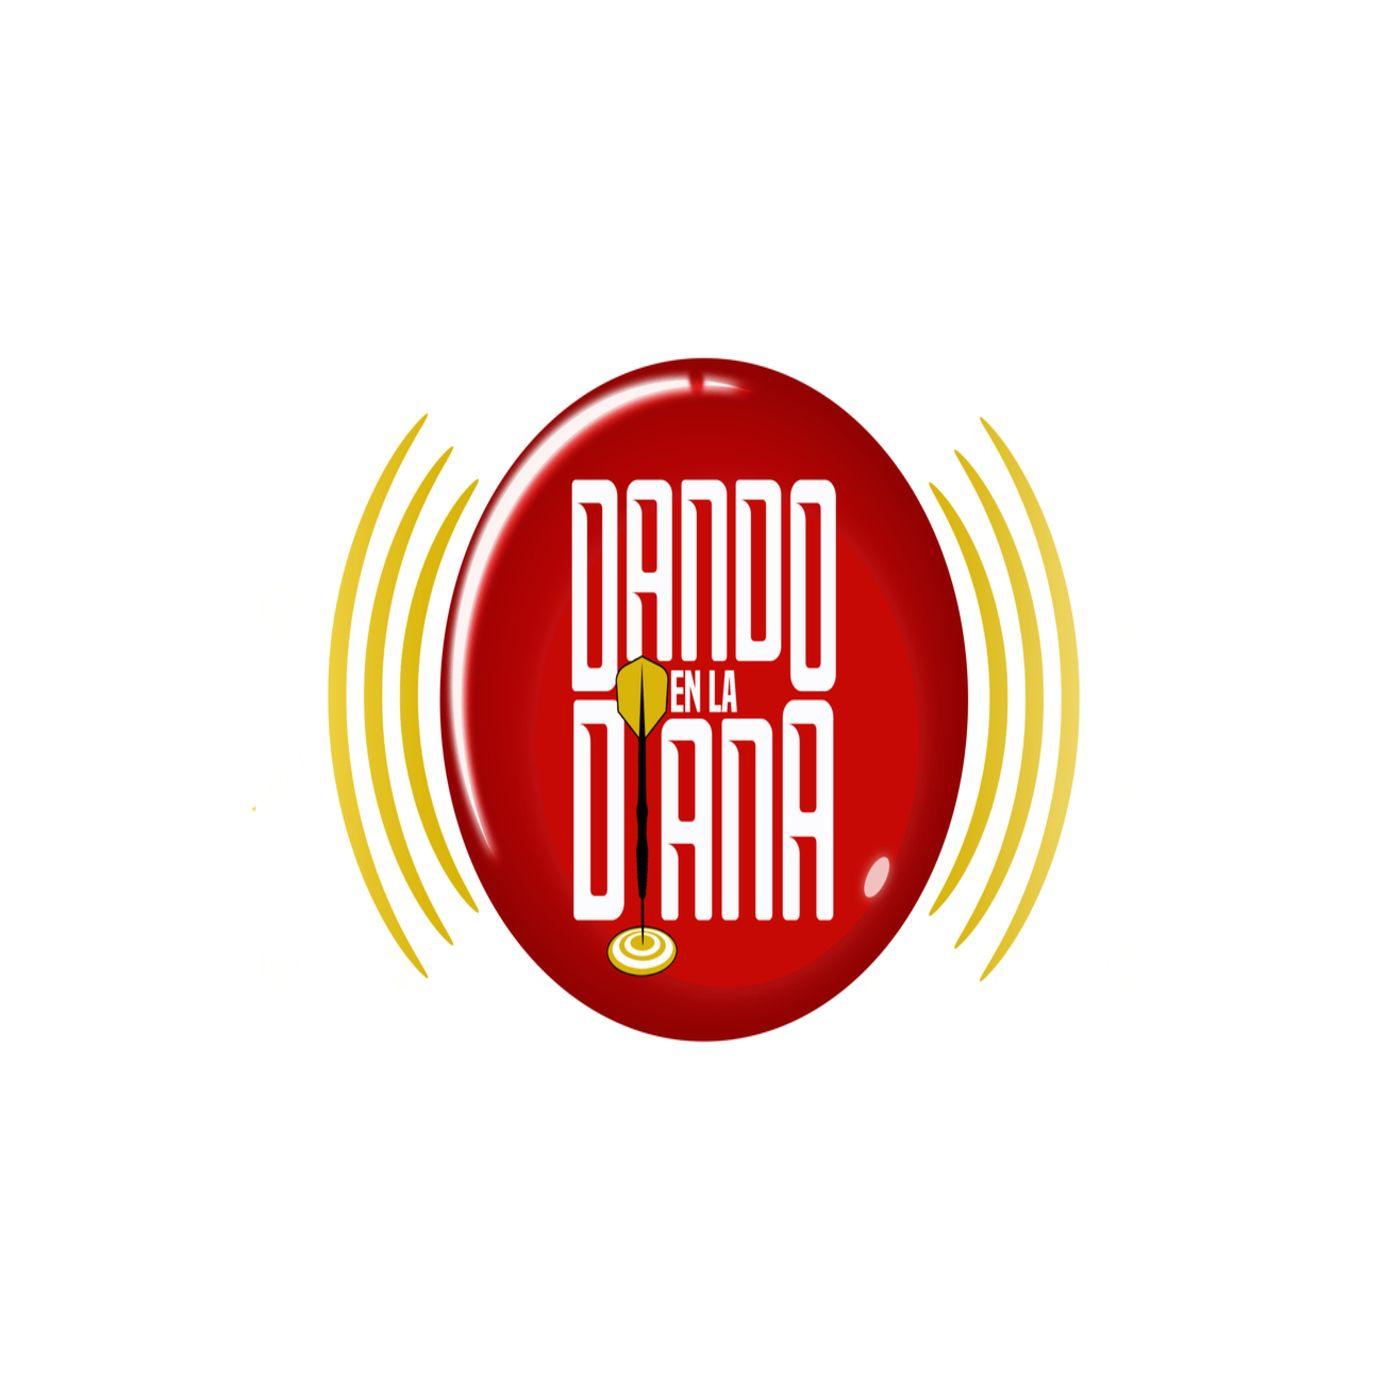 Dando en la Diana - Episodio 80 - 18 Diciembre 2020 - Arisa Monasterio / José Ángel Morván